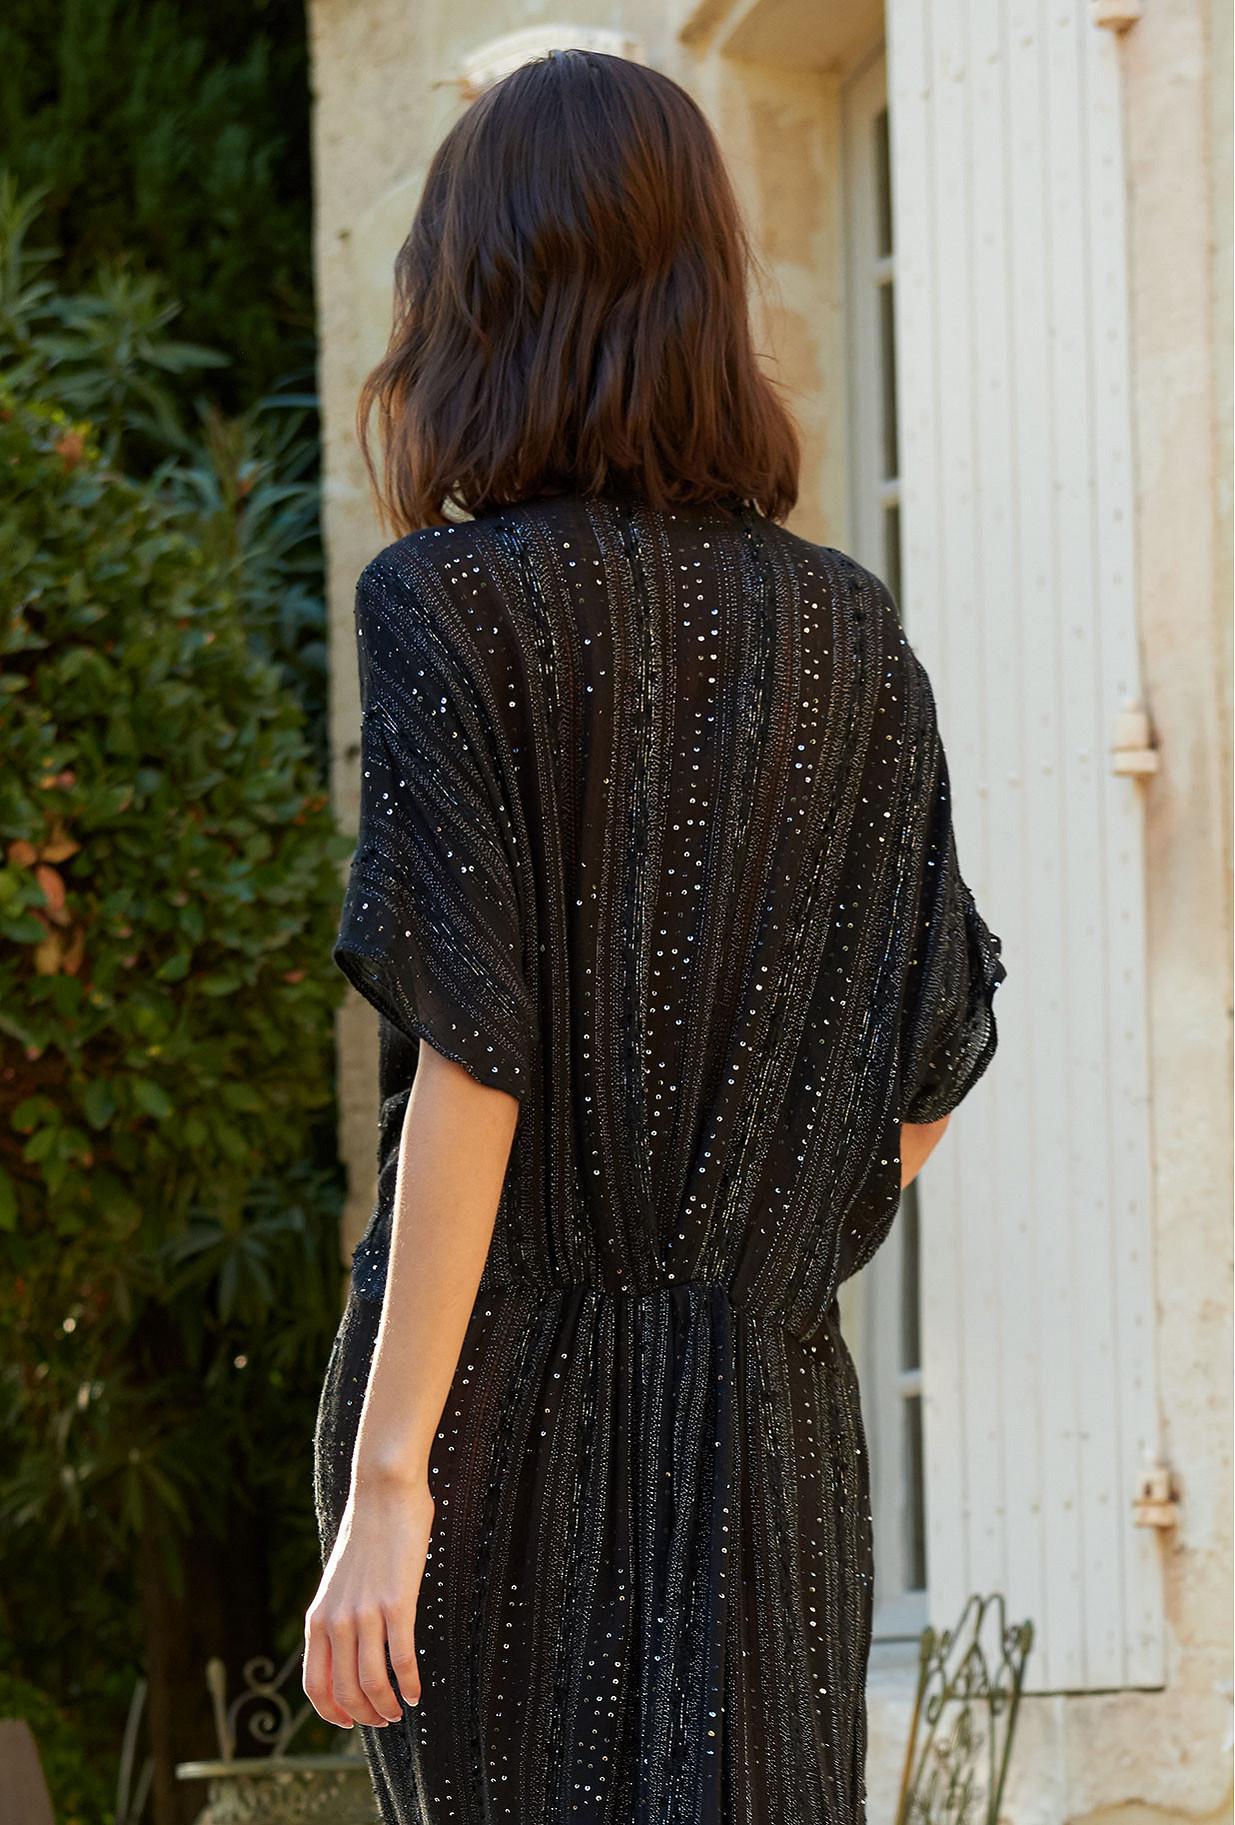 Robe Noir  Samsara mes demoiselles paris vêtement femme paris